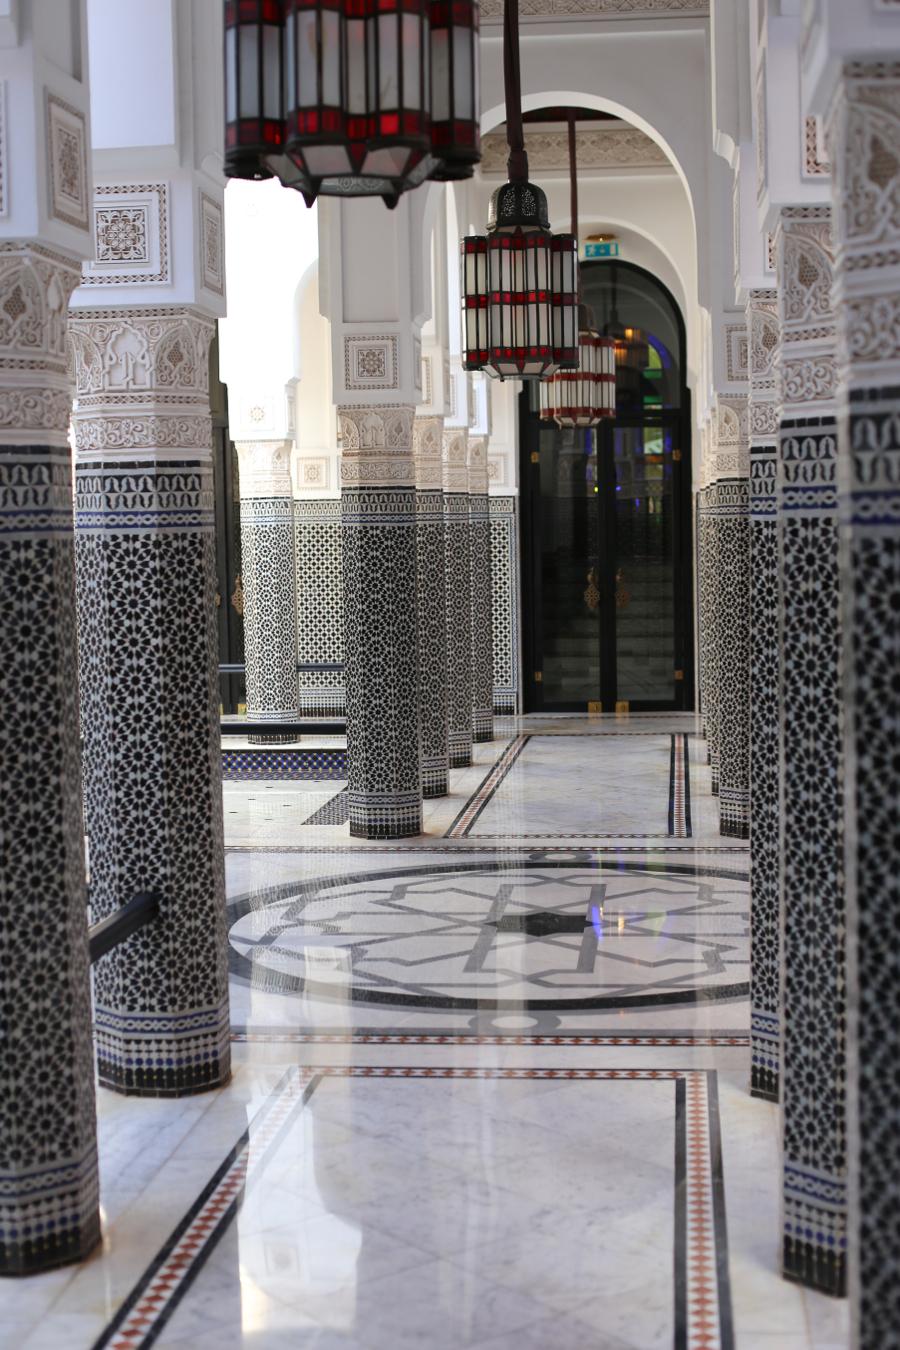 ari_primerandlacquer_in_marrakesch_44